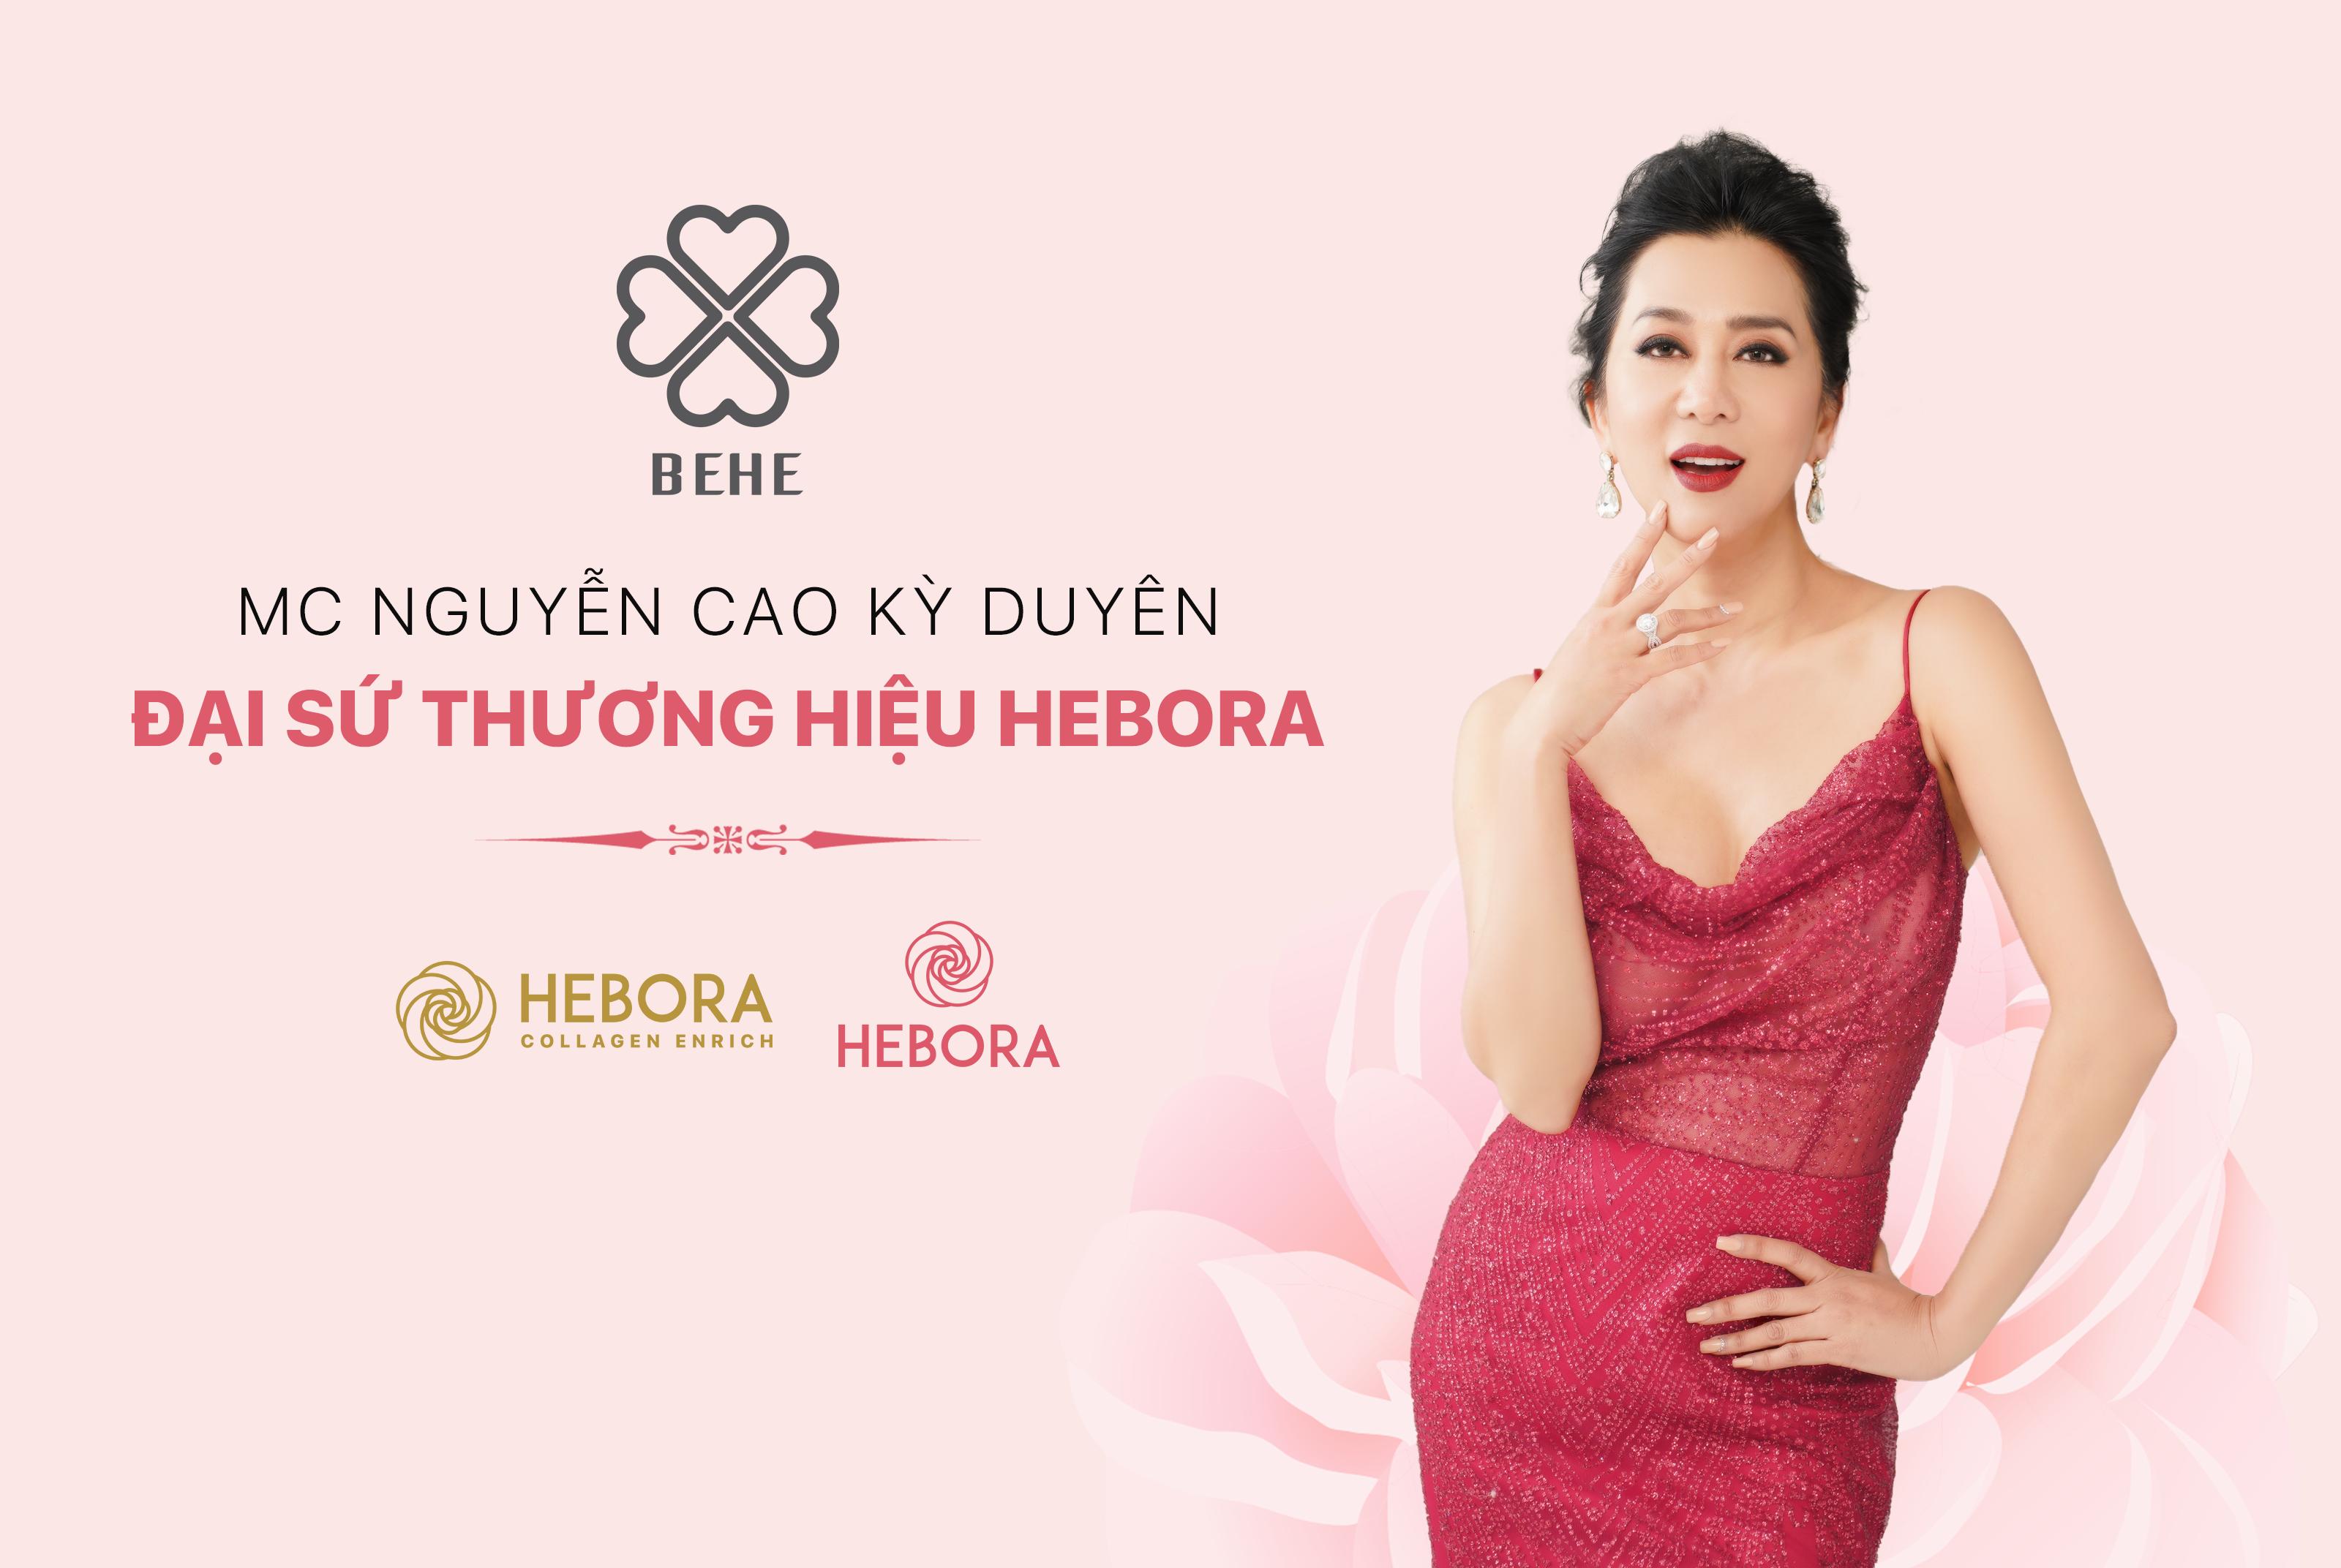 BEHE Việt Nam công bố MC Nguyễn Cao Kỳ Duyên trở thành đại sứ thương hiệu HEBORA